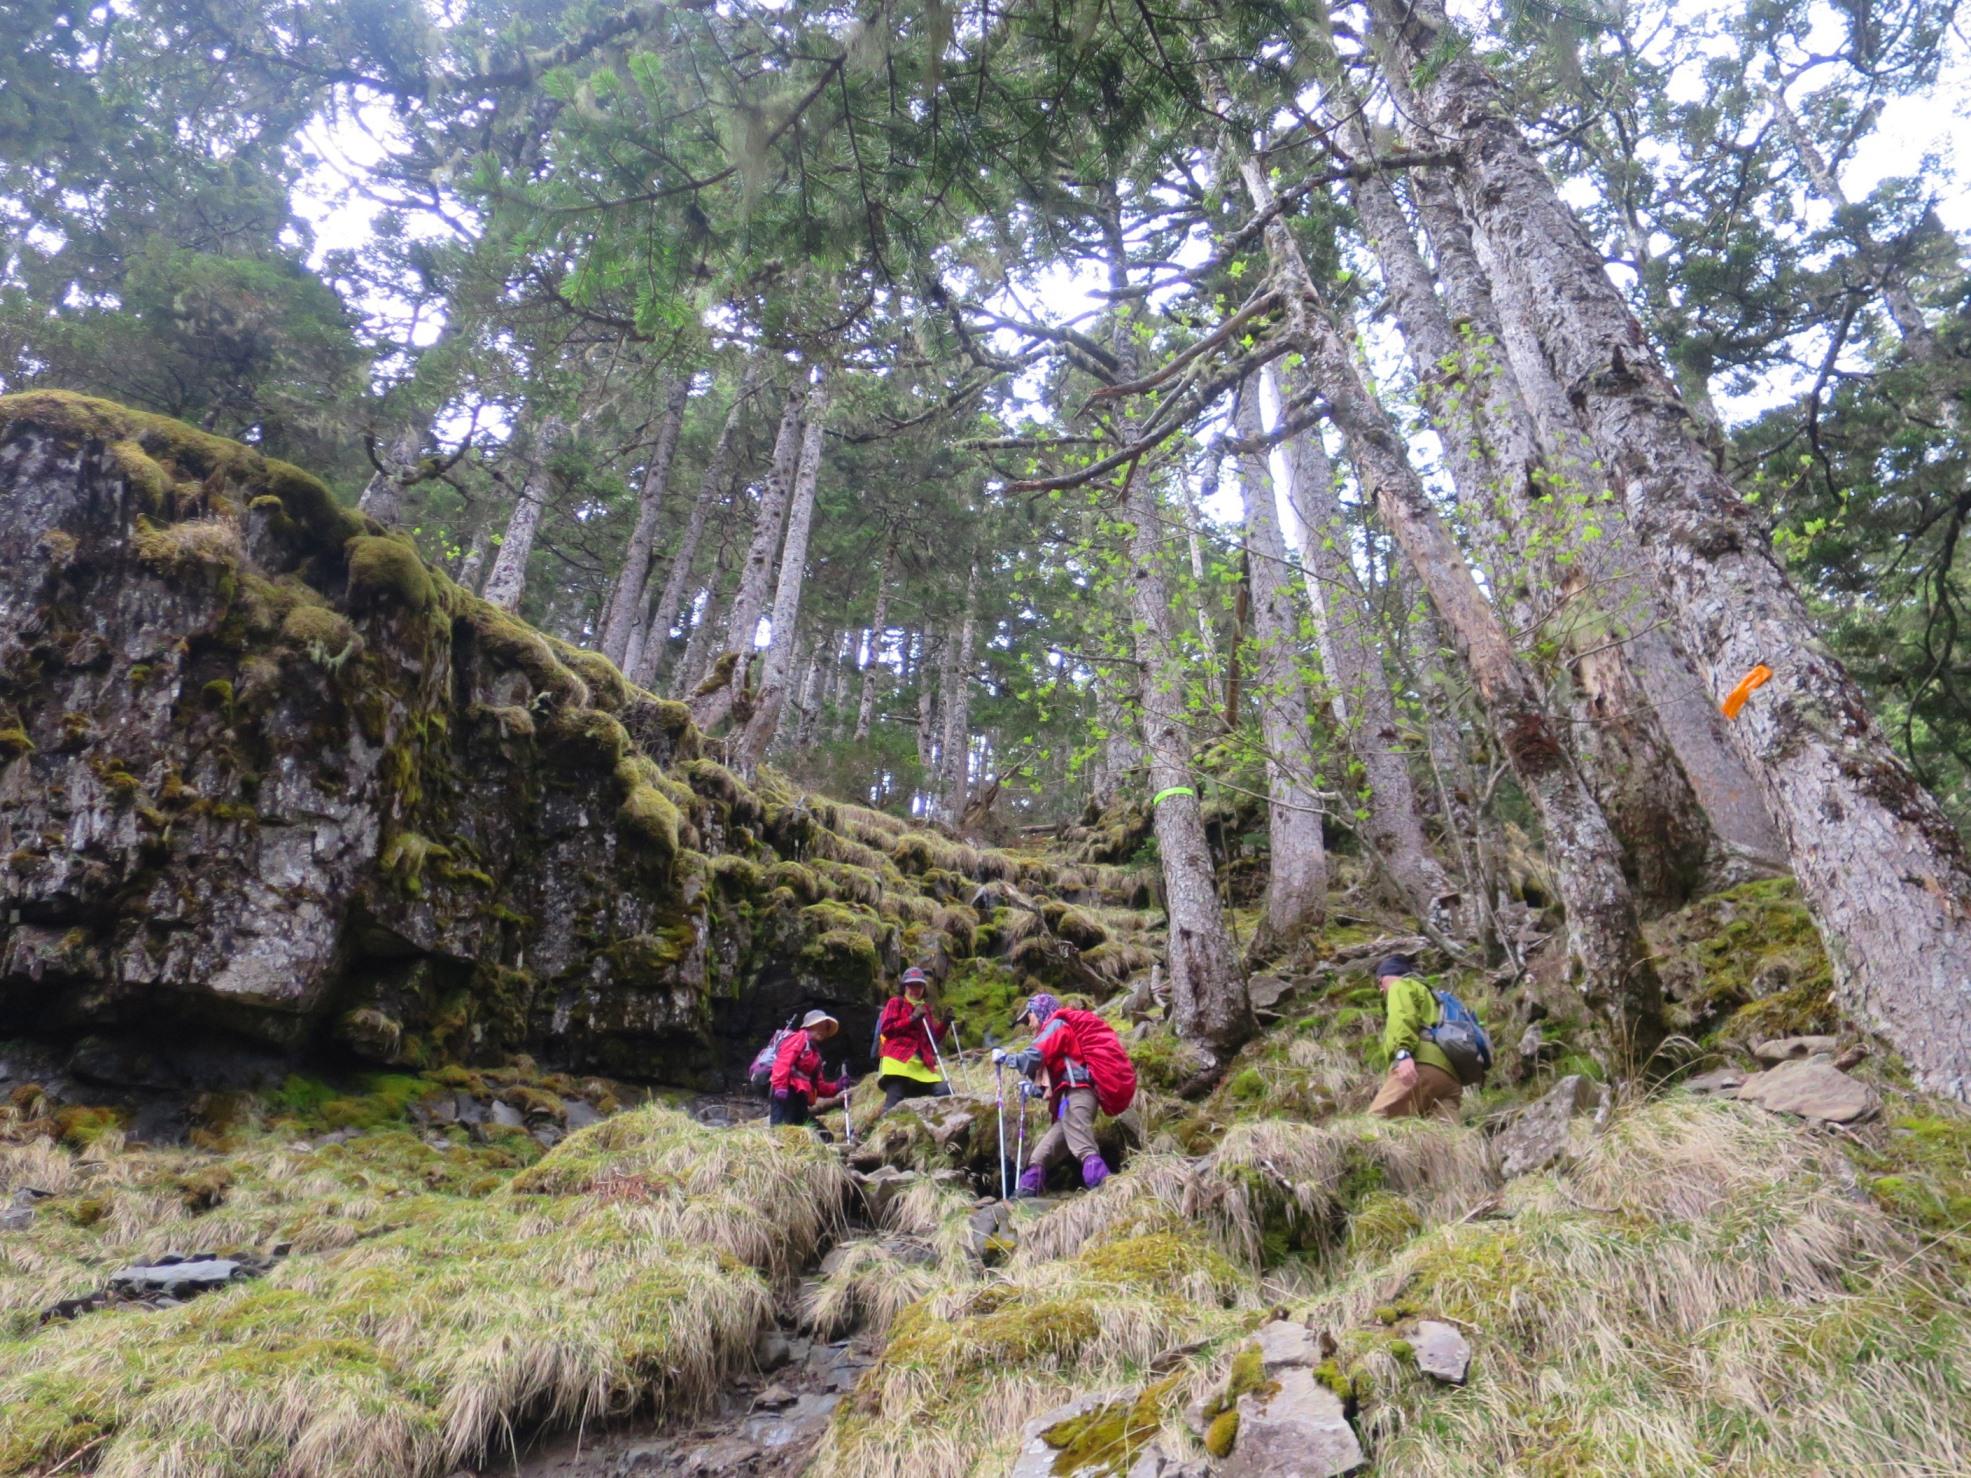 ニイタカトドマツの美しい森の中を登る